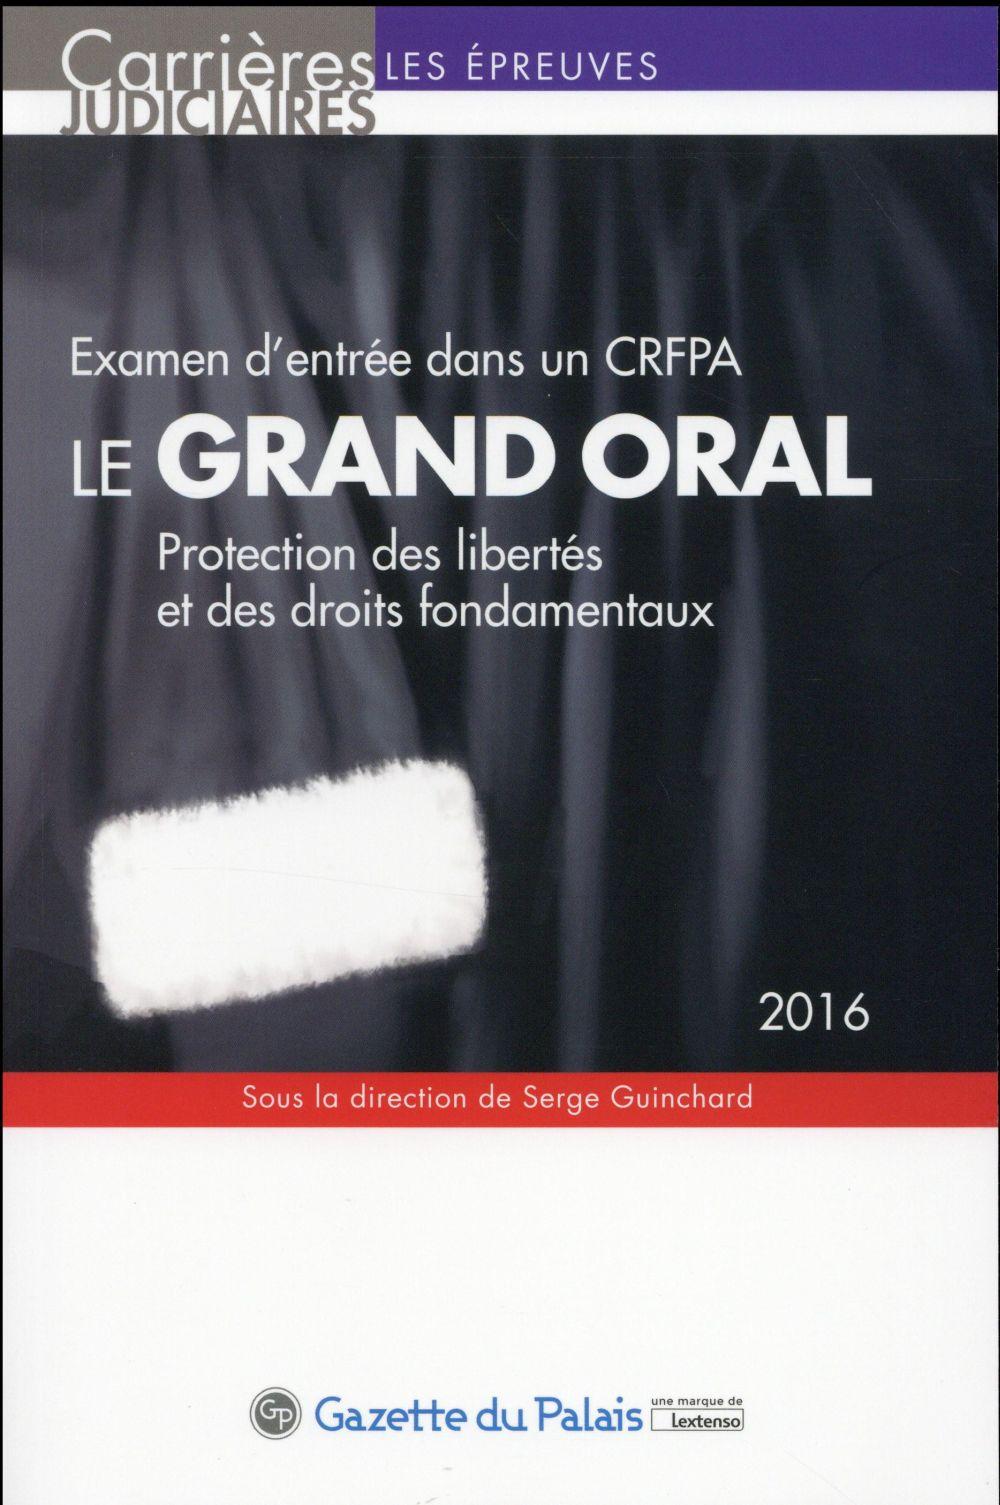 Le grand oral 2016 ; examen d'entrée dans un CRFPA ; protection des libertés et des droits fondamentaux